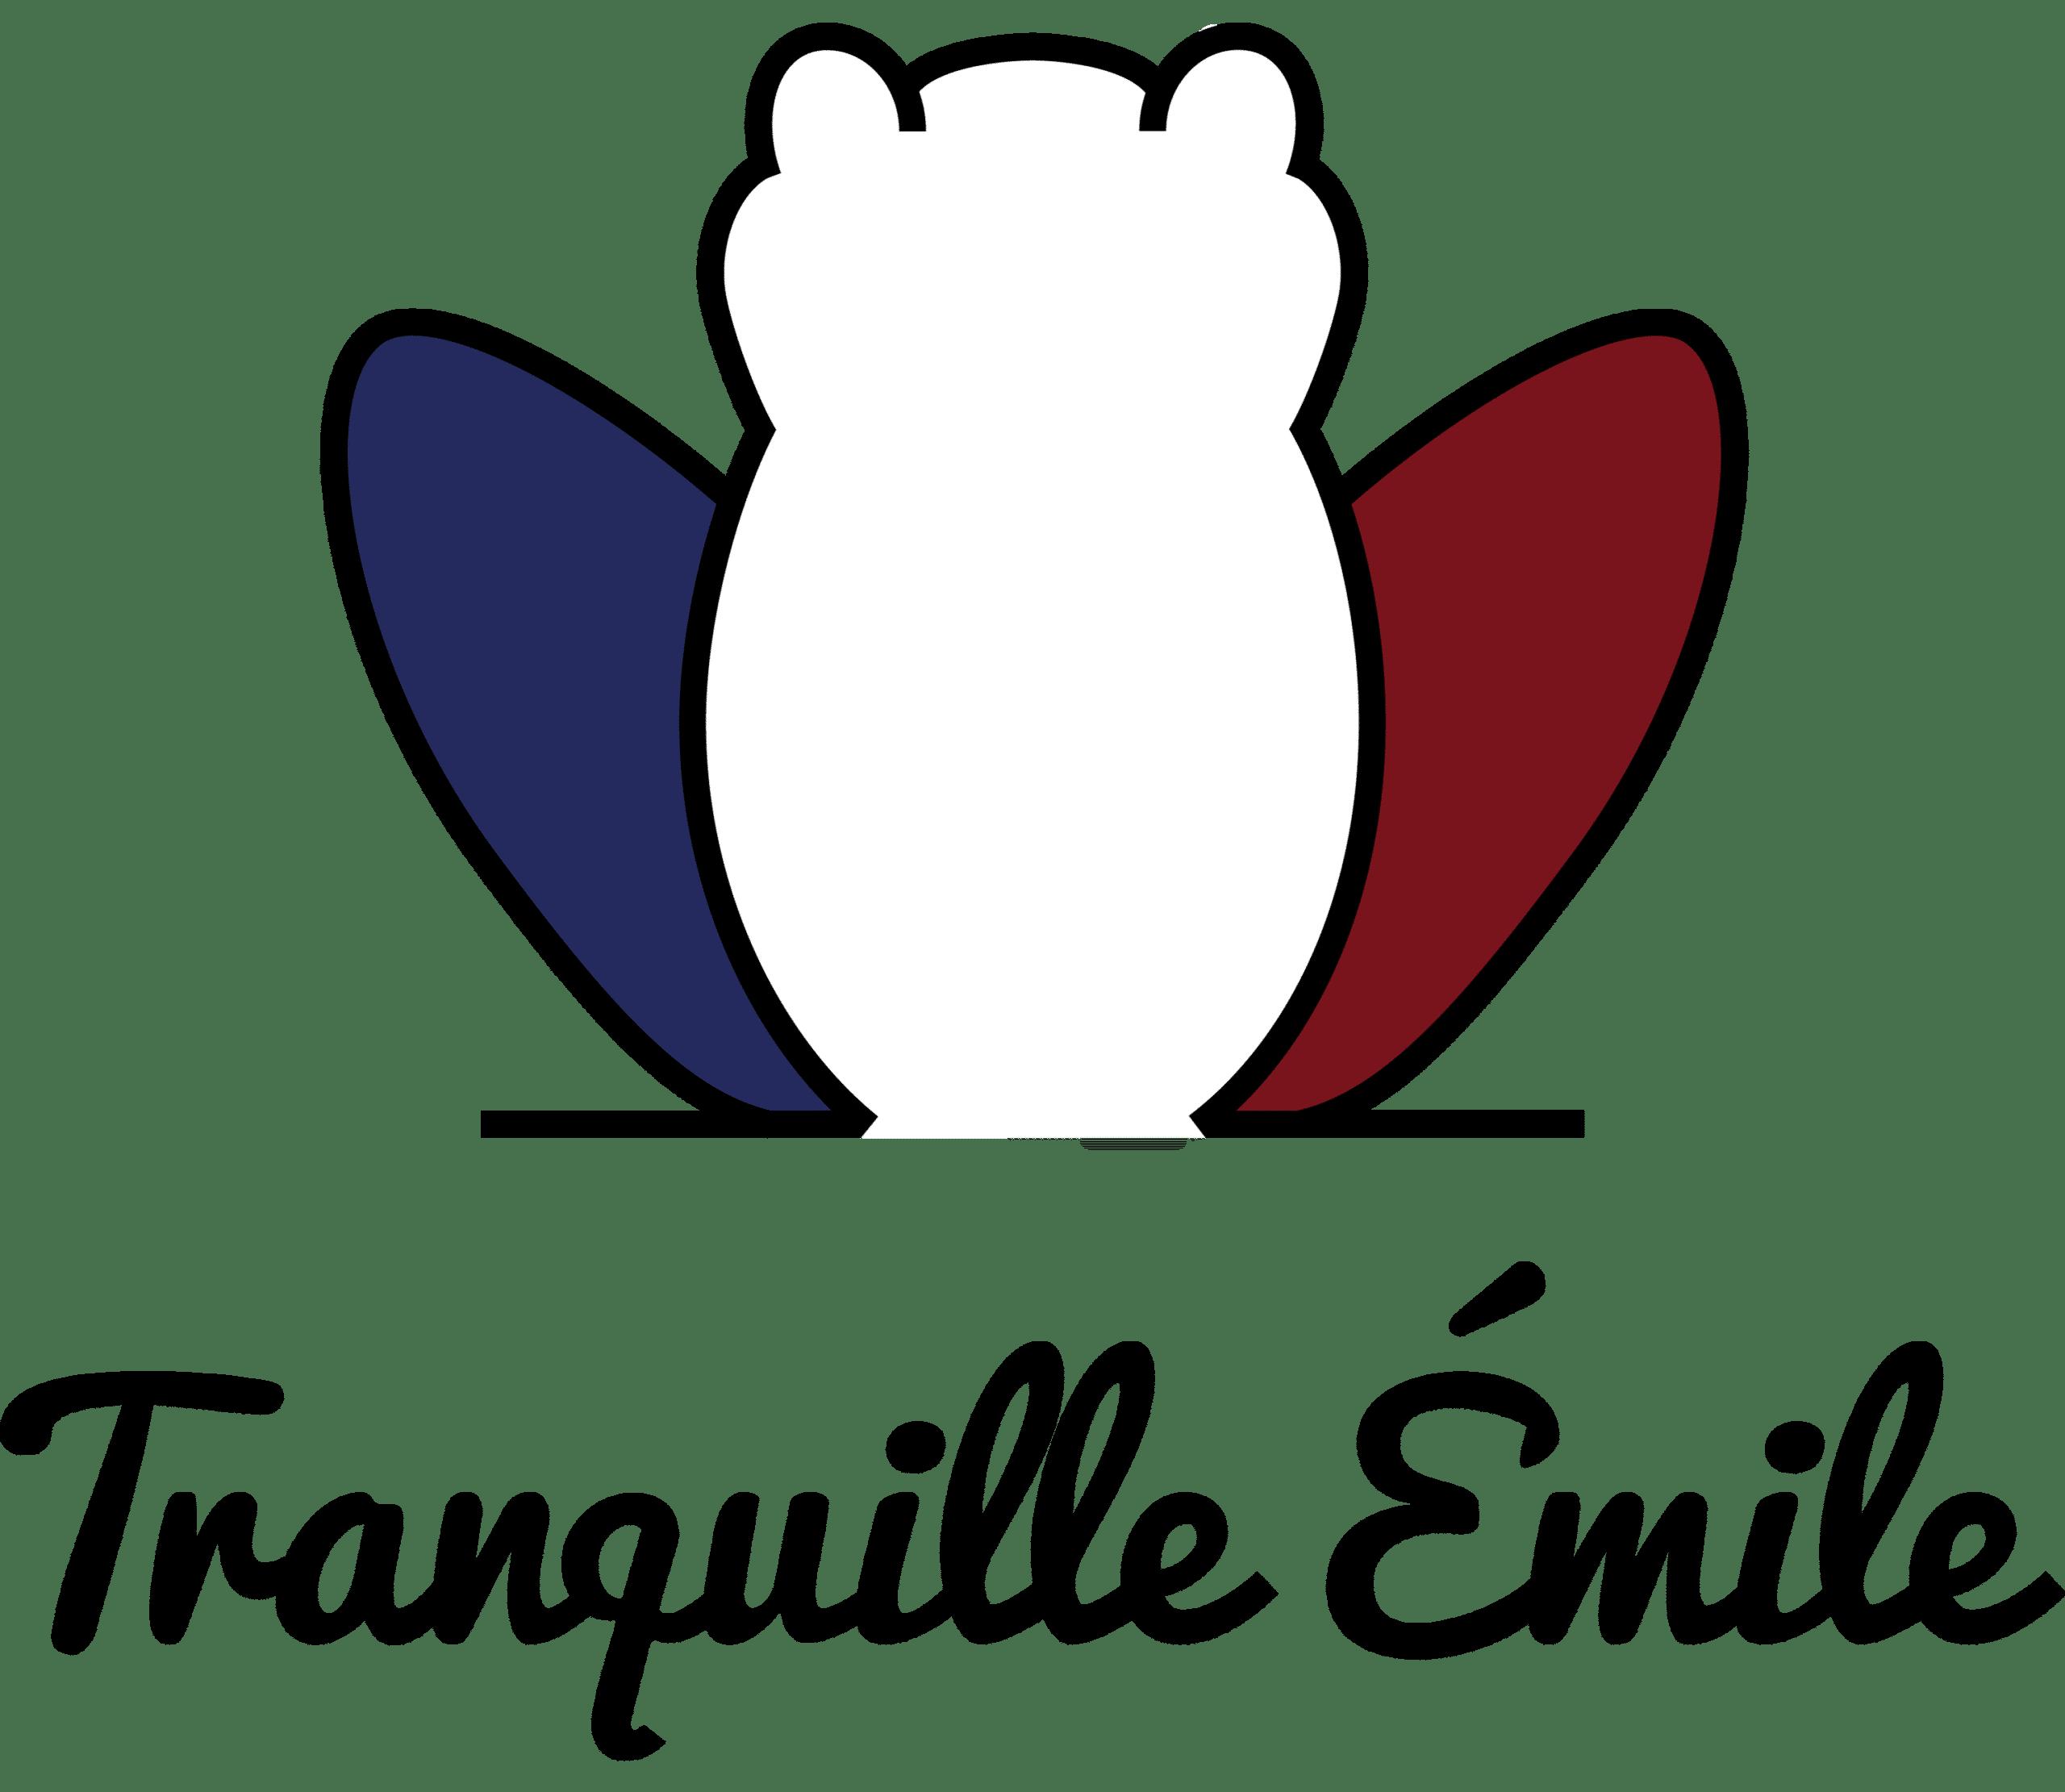 Tranquille Émile